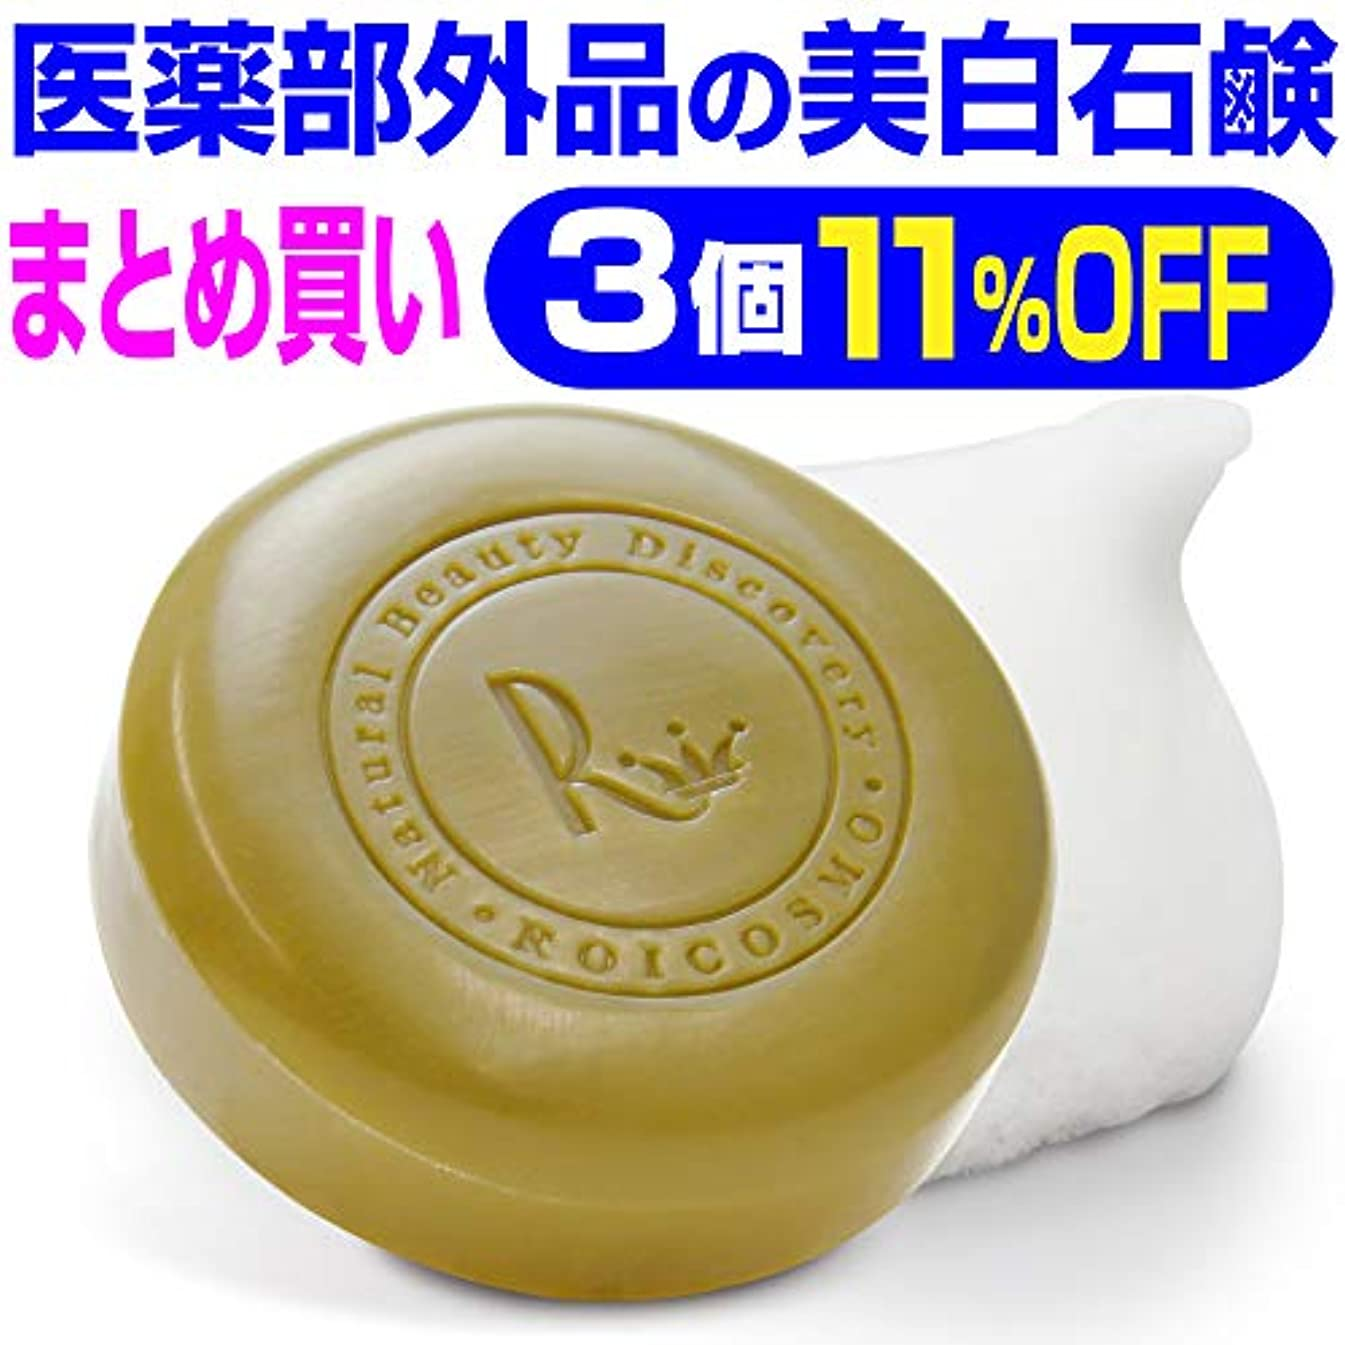 グラマー突撃封建3個まとめ買い11%OFF 美白石鹸/ビタミンC270倍の美白成分配合の 洗顔石鹸『ホワイトソープ100g×3個』